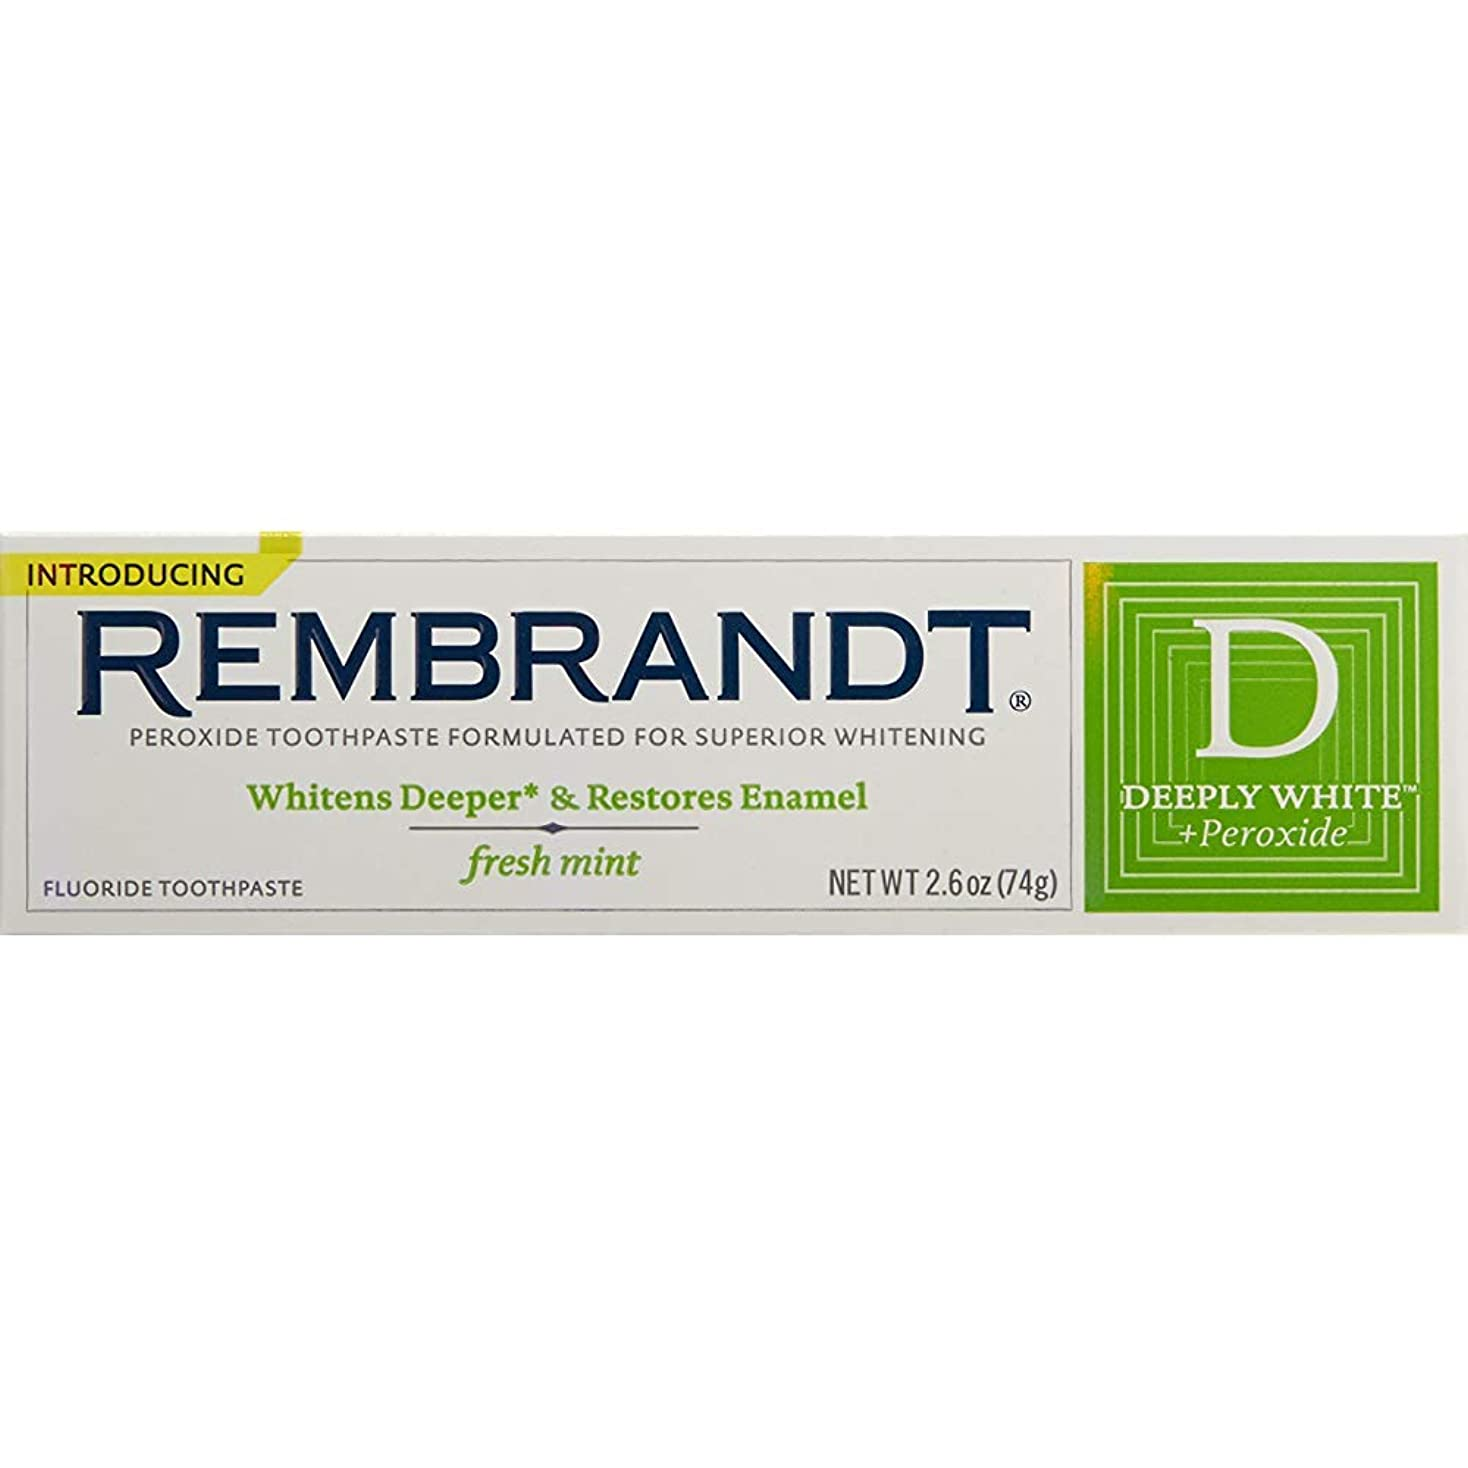 寝る変わる率直なRembrandt プラスハミガキフレッシュミント2.60オズ(4パック) 4パック